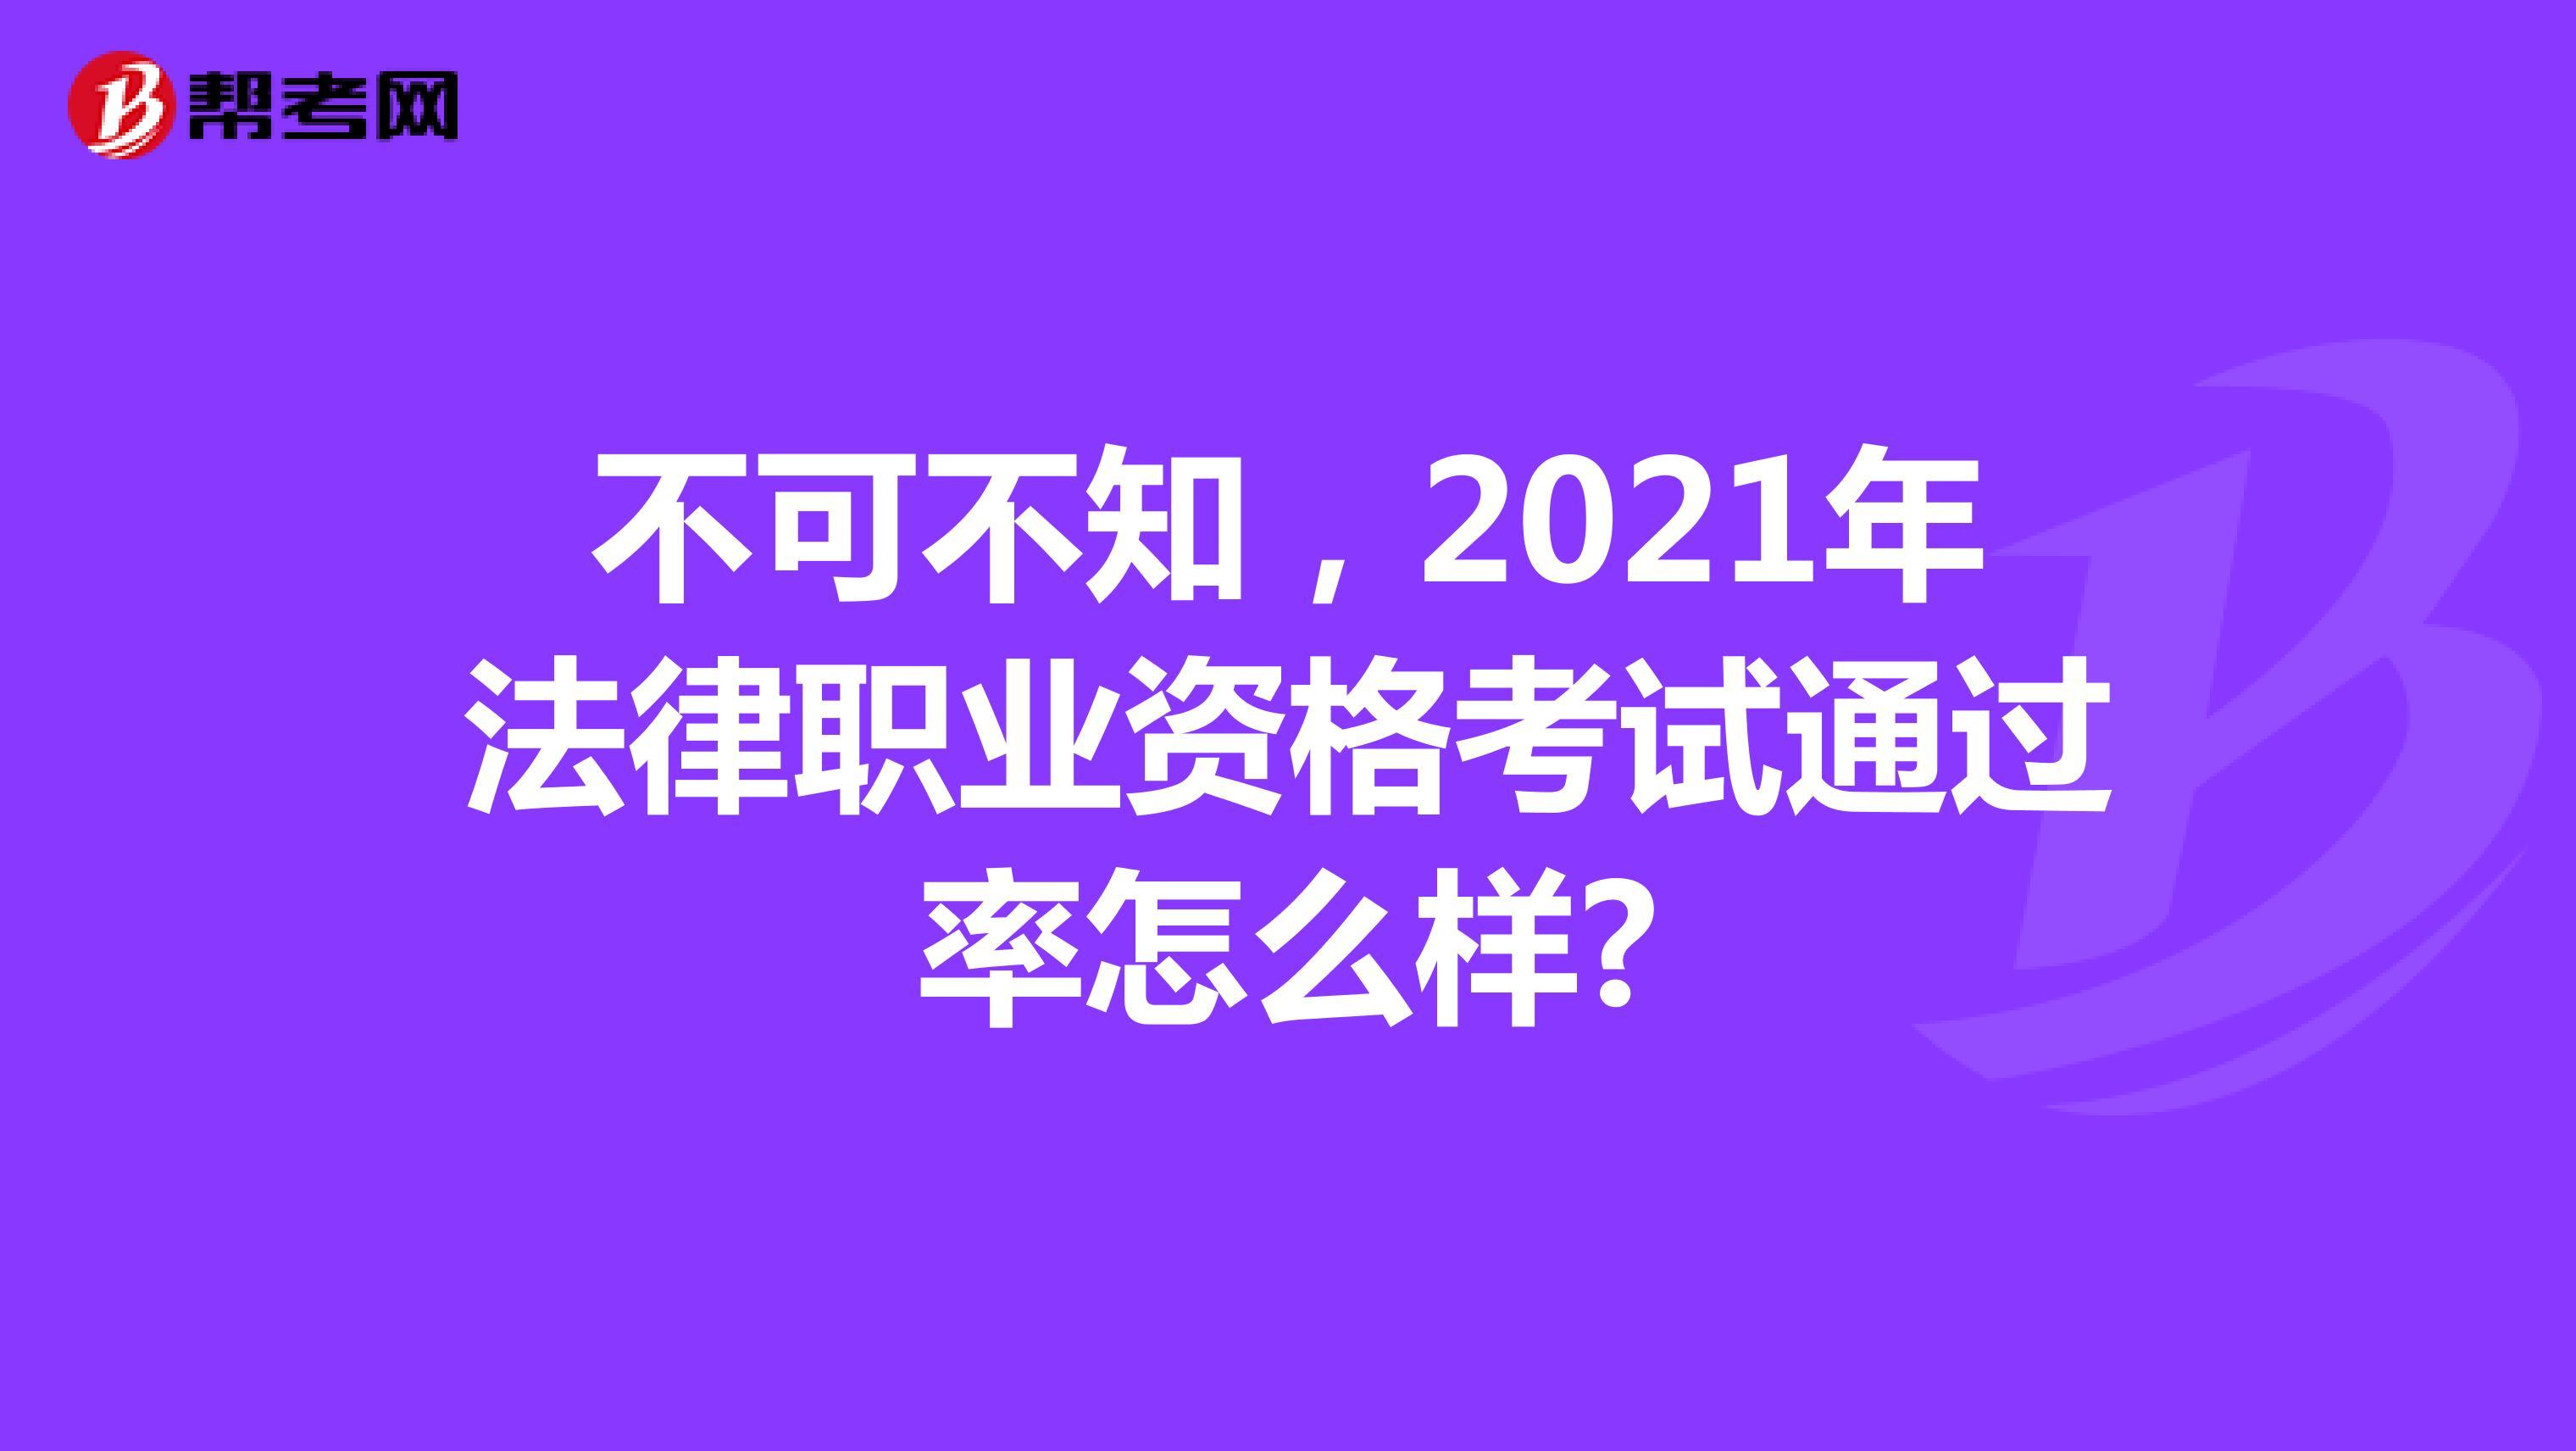 不可不知,2021年法律職業資格考試通過率怎么樣?